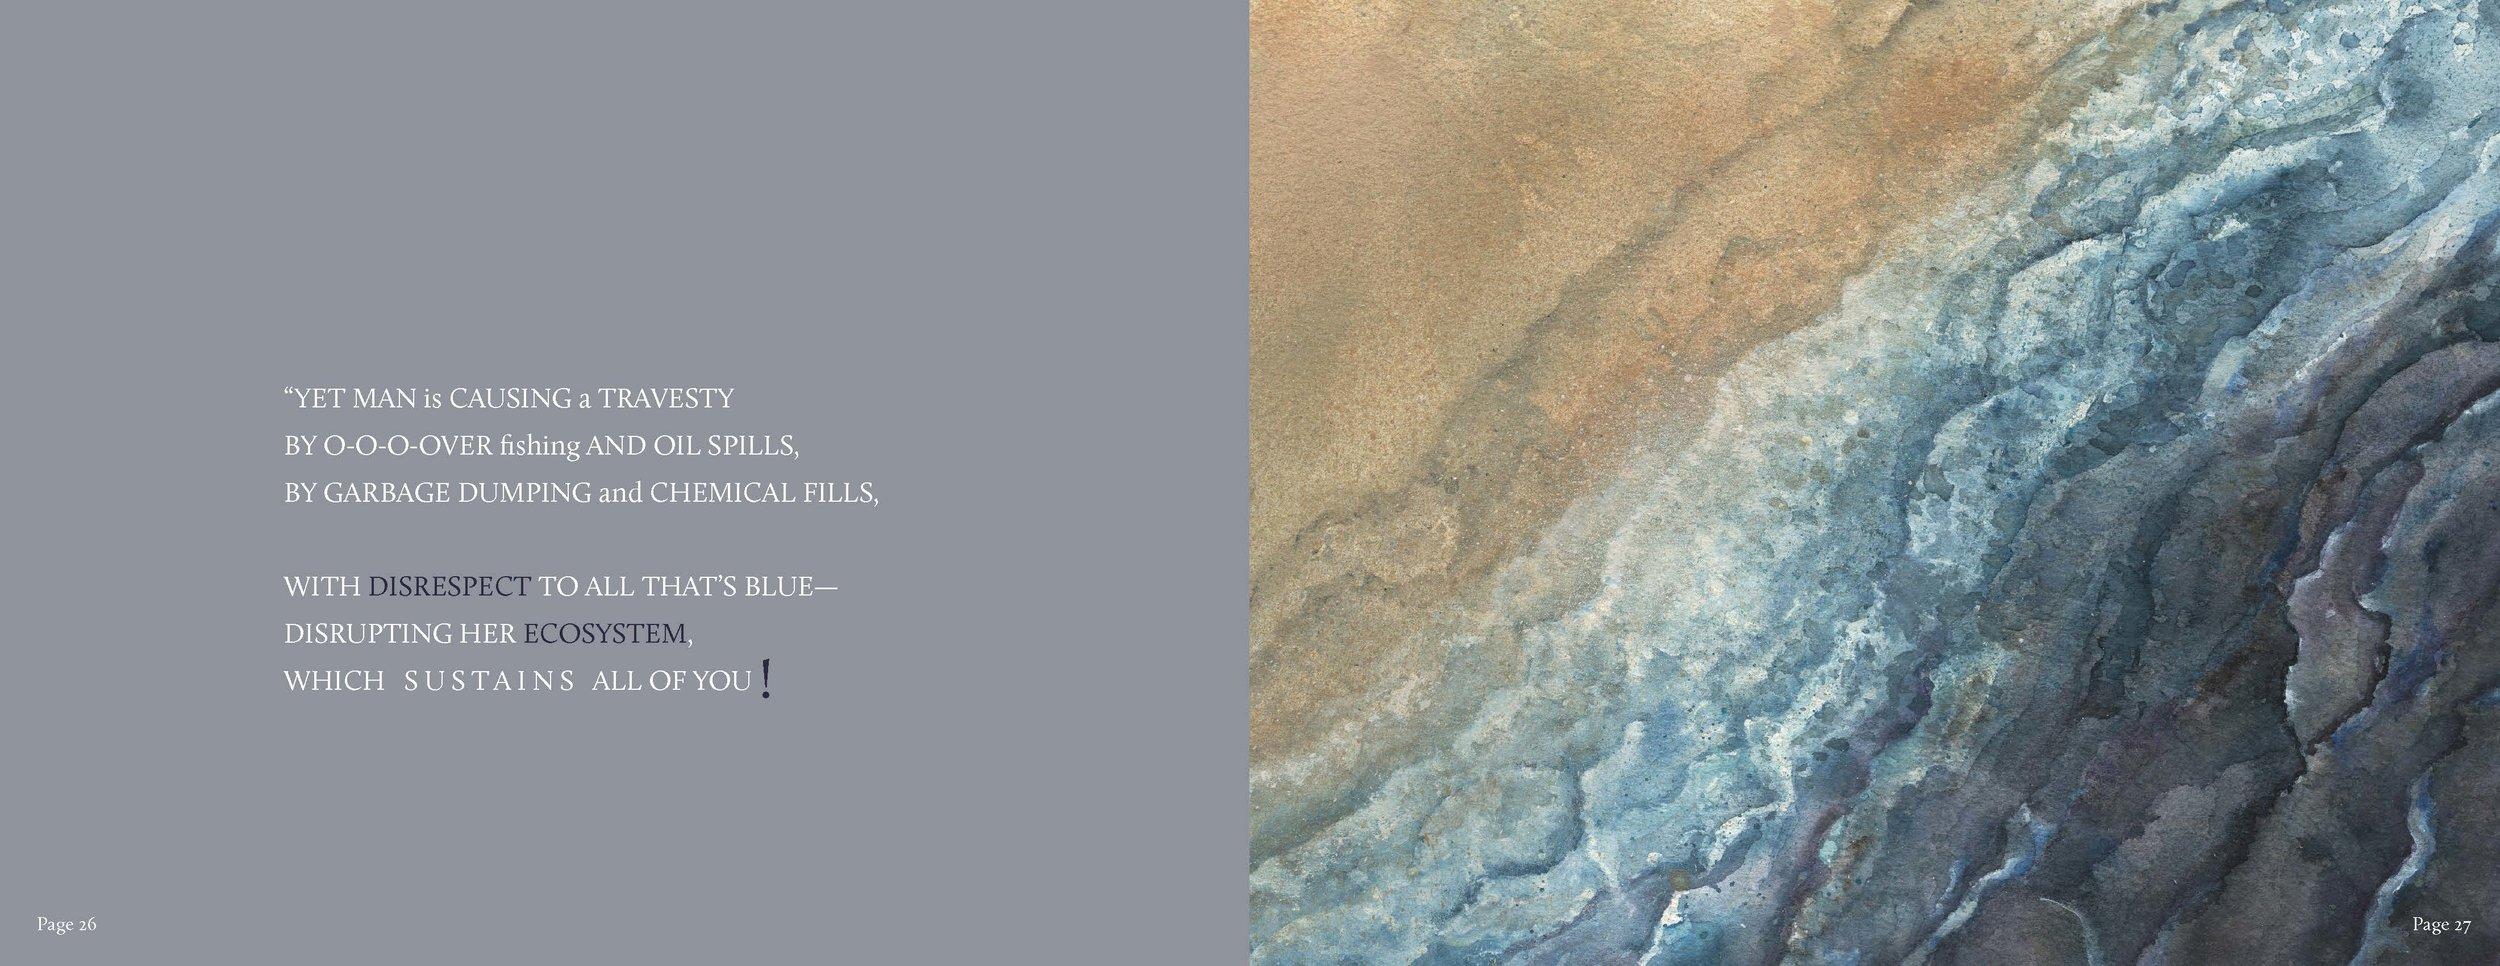 Sea Saw v7 Spreads Print_Page_14.jpg